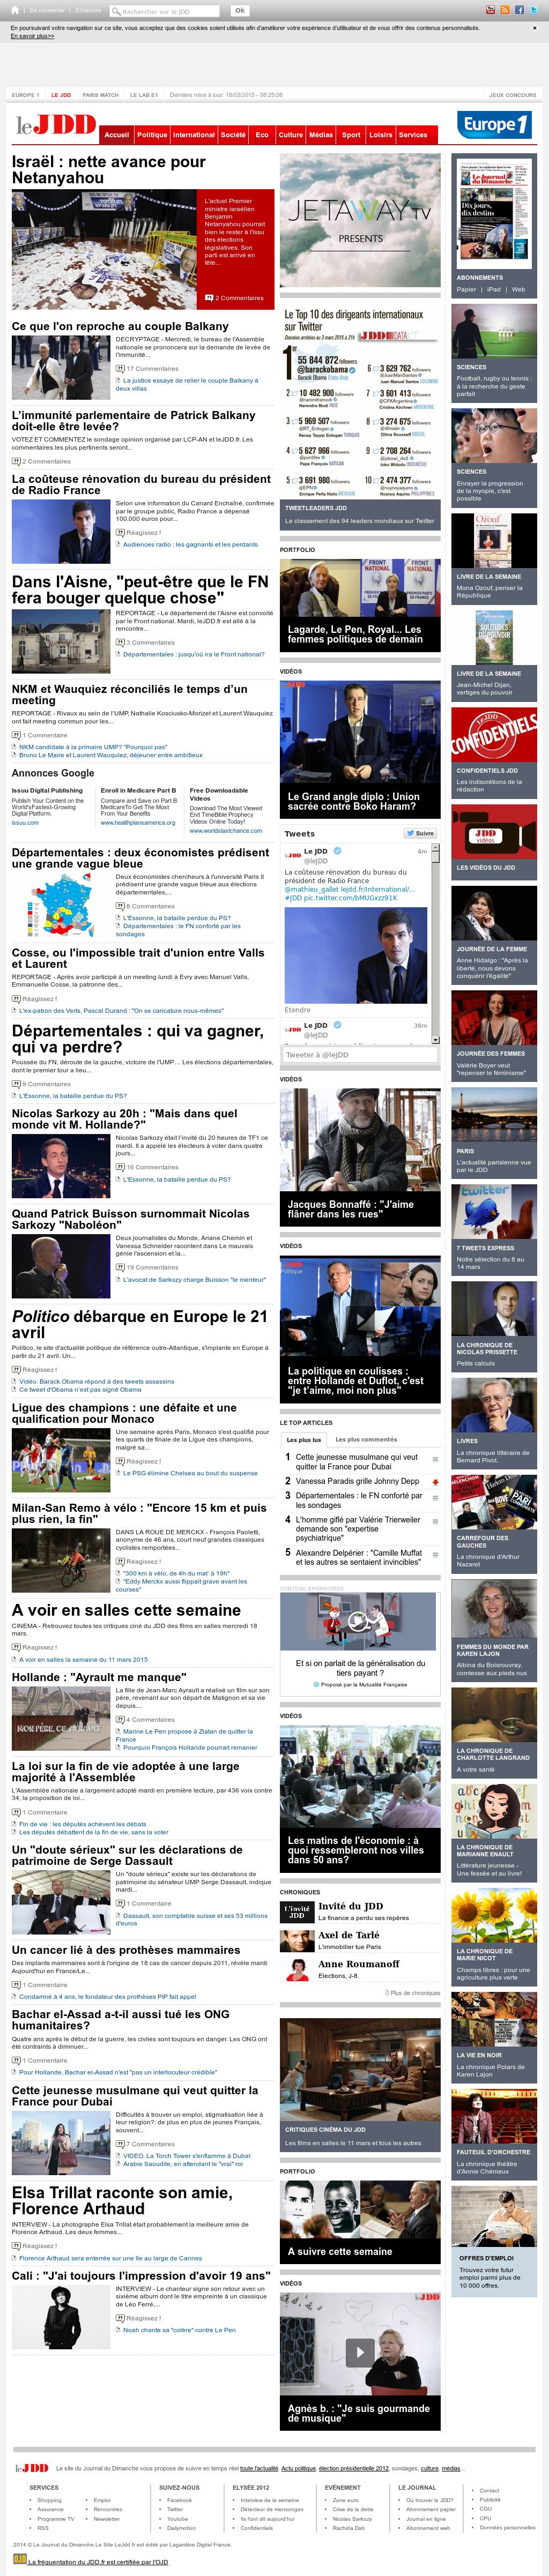 Le Journal Du Dimanche Competitors Revenue And Employees